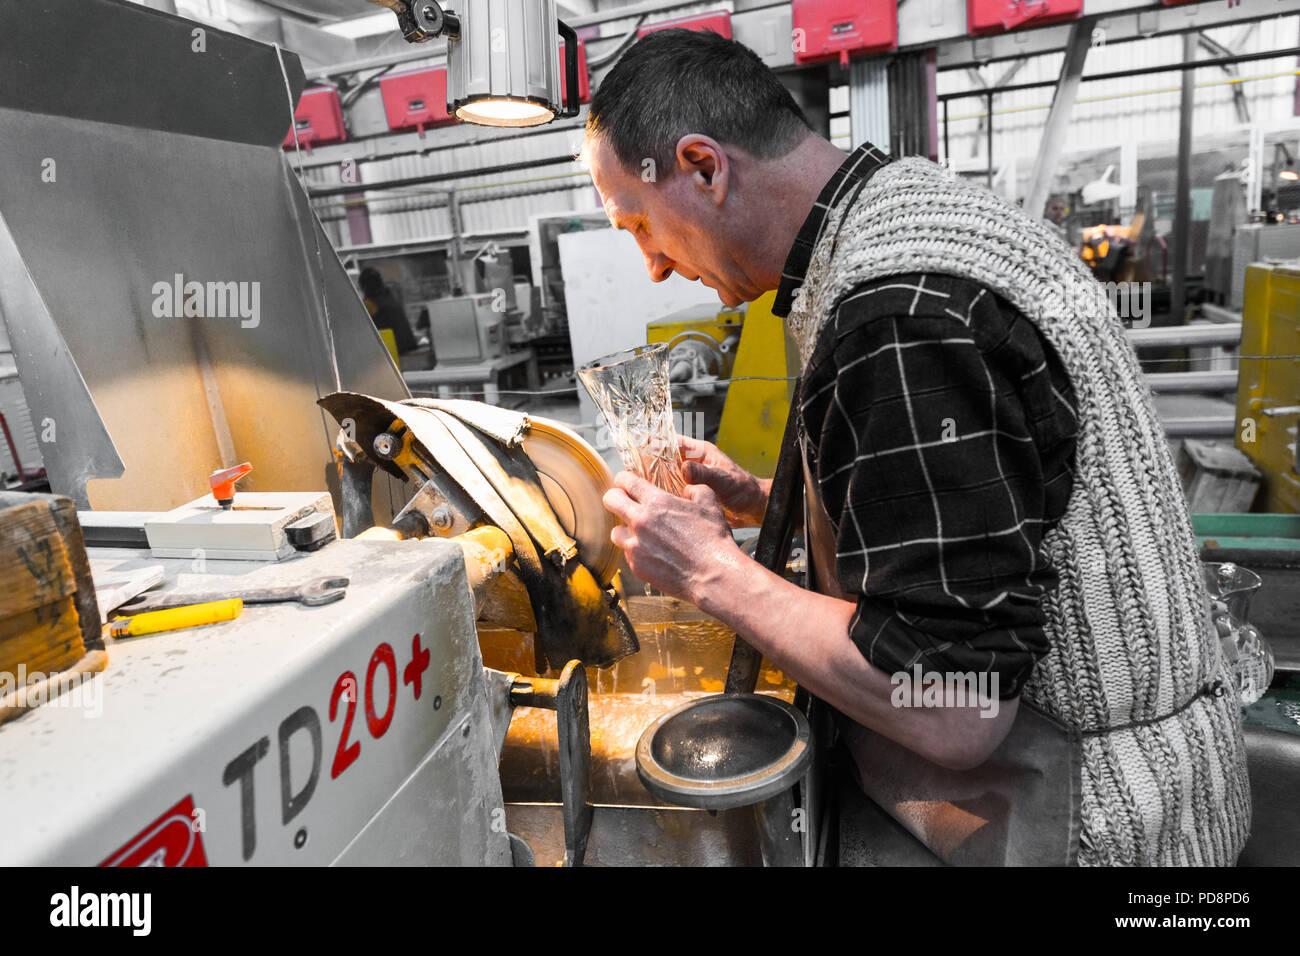 Minsk, Bielorussia - 01 Febbraio 2018: la produzione del vetro lavoratore lavora con attrezzature per il settore su sfondo di fabbrica di produzione di vetro lavoratore lavora con attrezzature per il settore su sfondo di fabbrica Immagini Stock